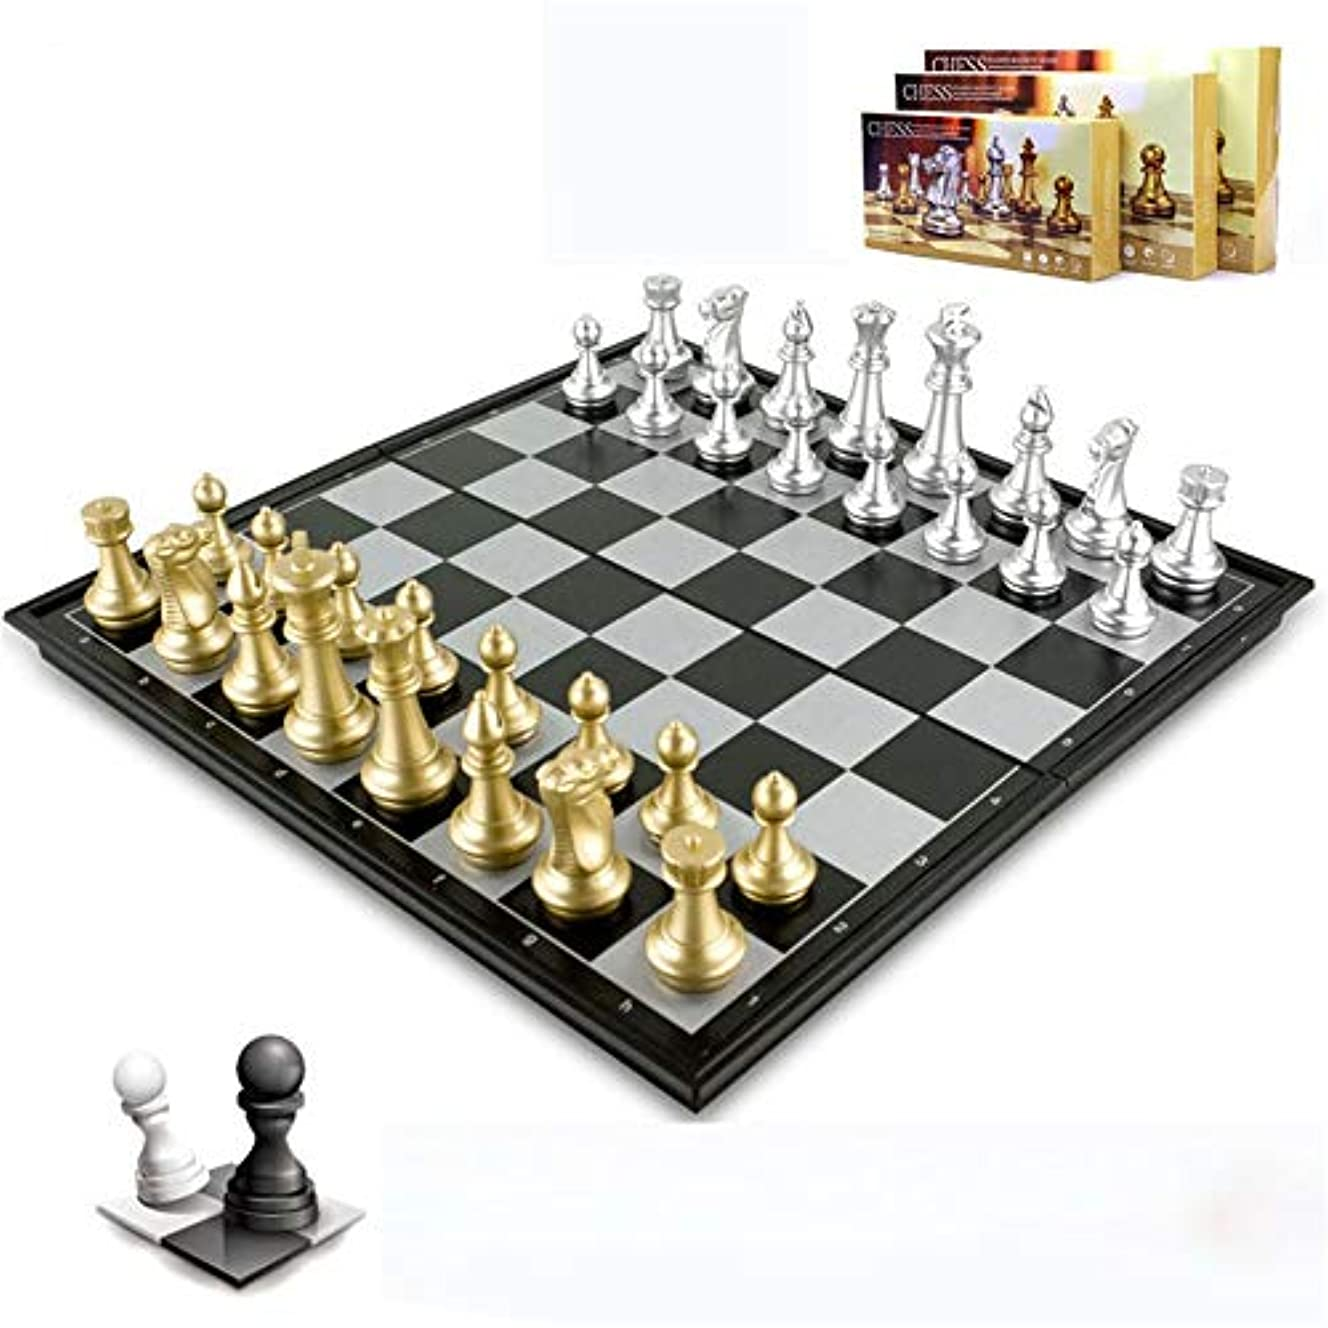 チェス 木製の巧妙な部分およびチェスの収納スロットが付いている木製の標準的なチェスのゲーム板セットを折るチェスセット (色 : As picture, サイズ : 25*25*2cm)